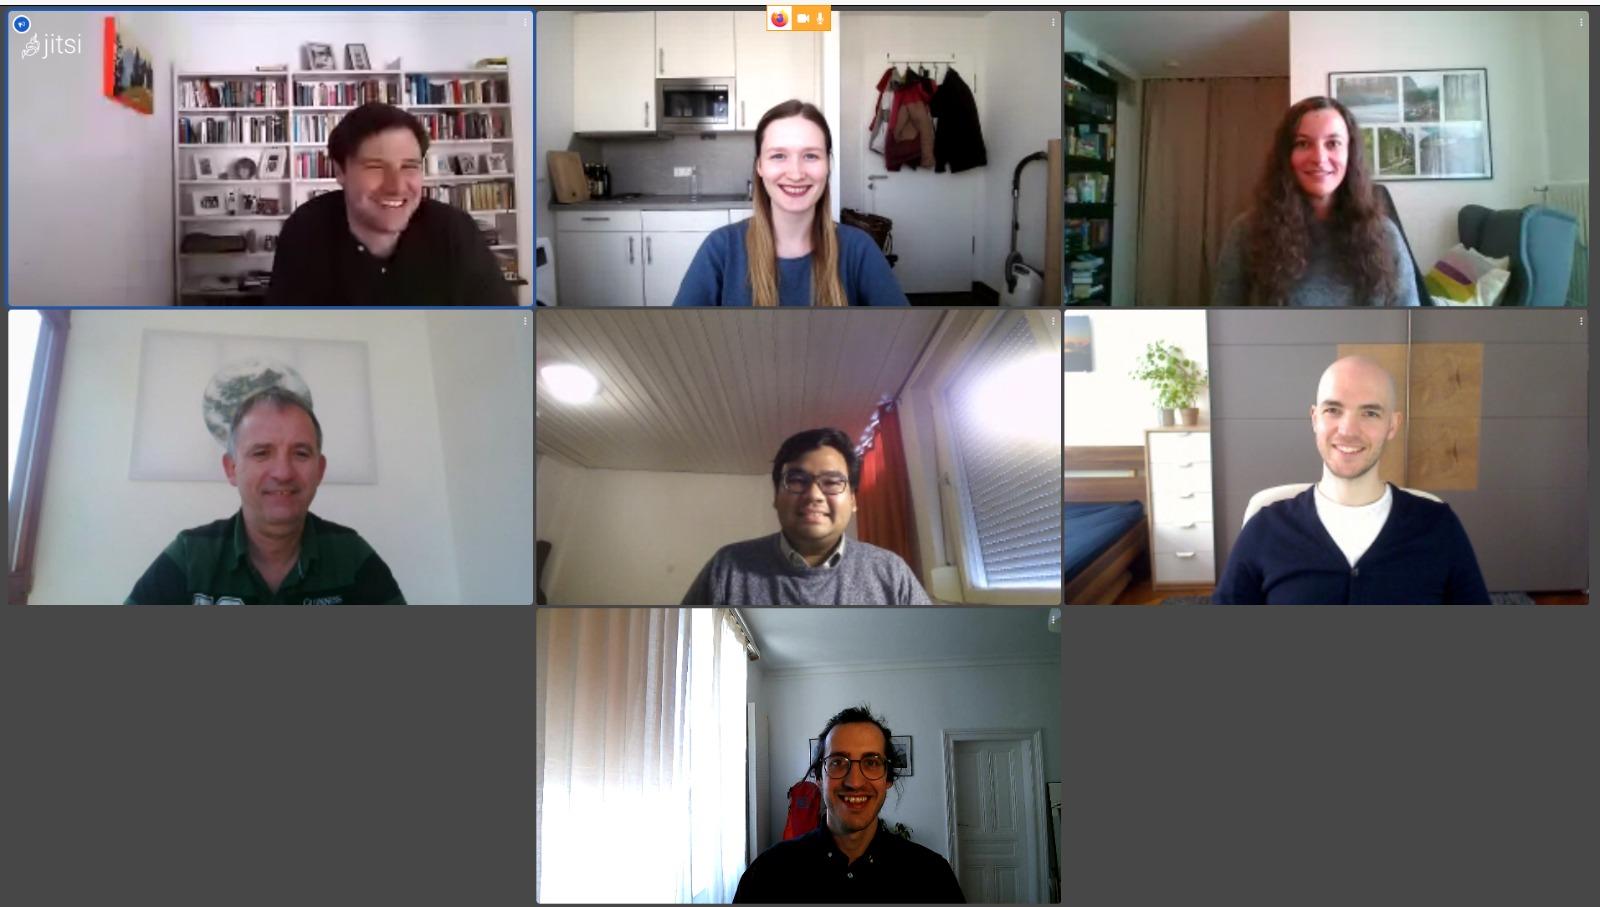 Yoga (tengah), research fellow - DLR, bersama teman satu tim kerjanya, melakukan aktivitas pekerjaannya secara daring ditengah keadaan pandemi Covid-19